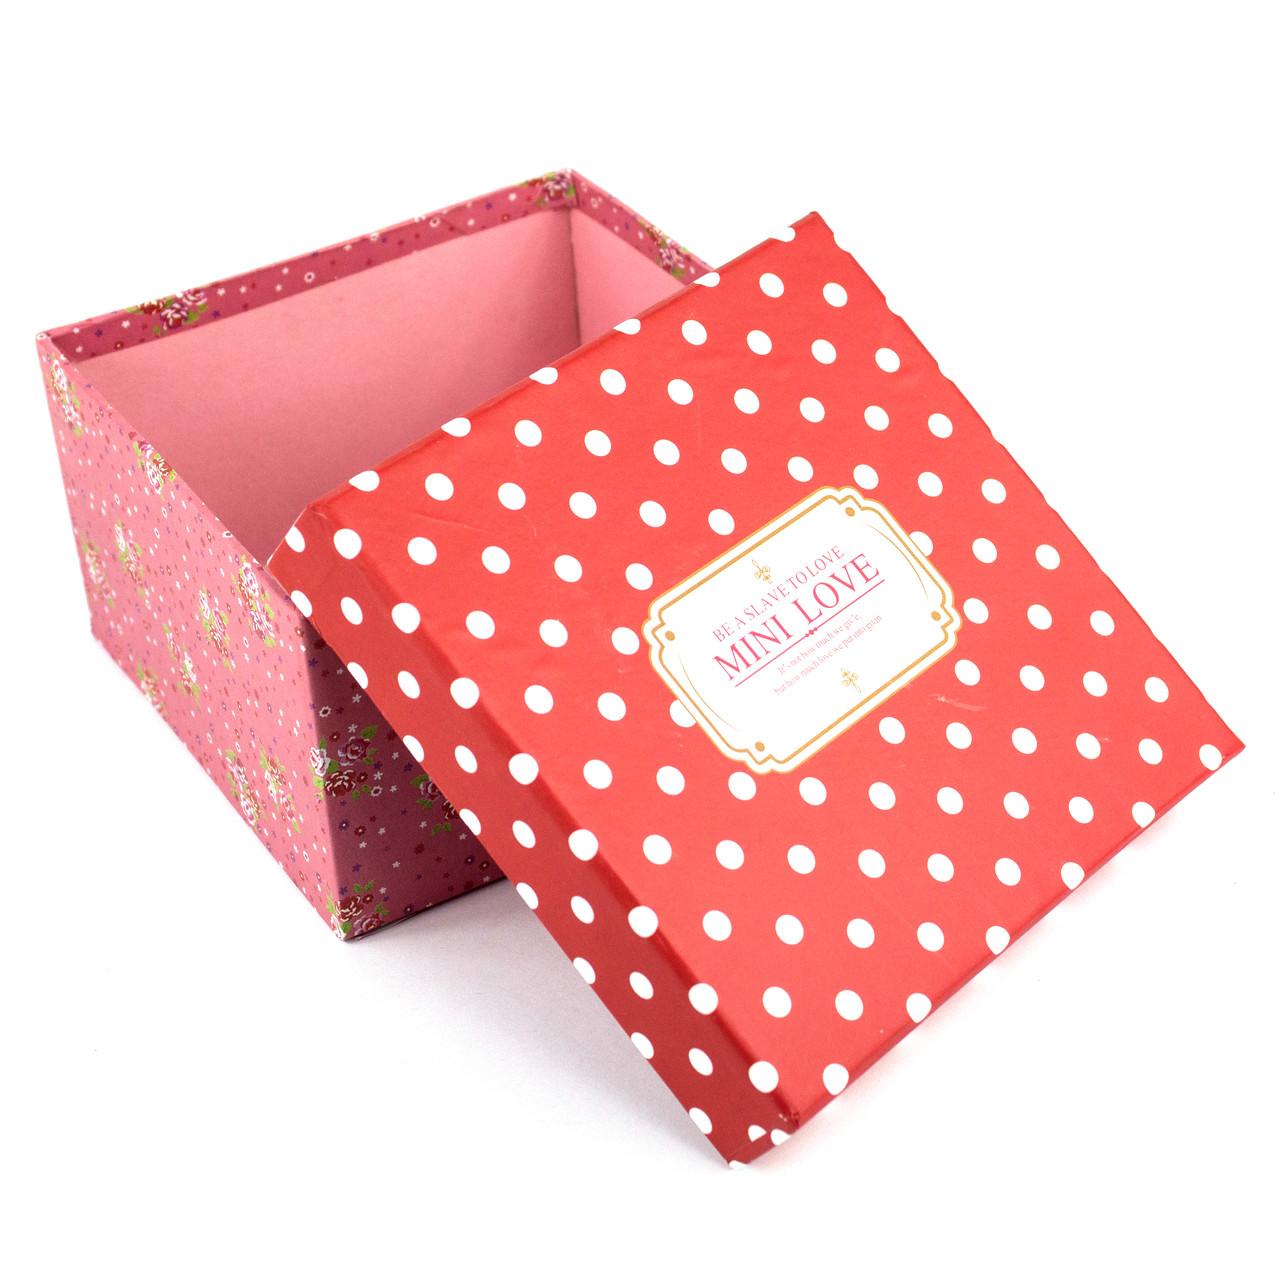 Подарочная коробочка красная в белый горошек 9.2 x 9.2 x 5 см